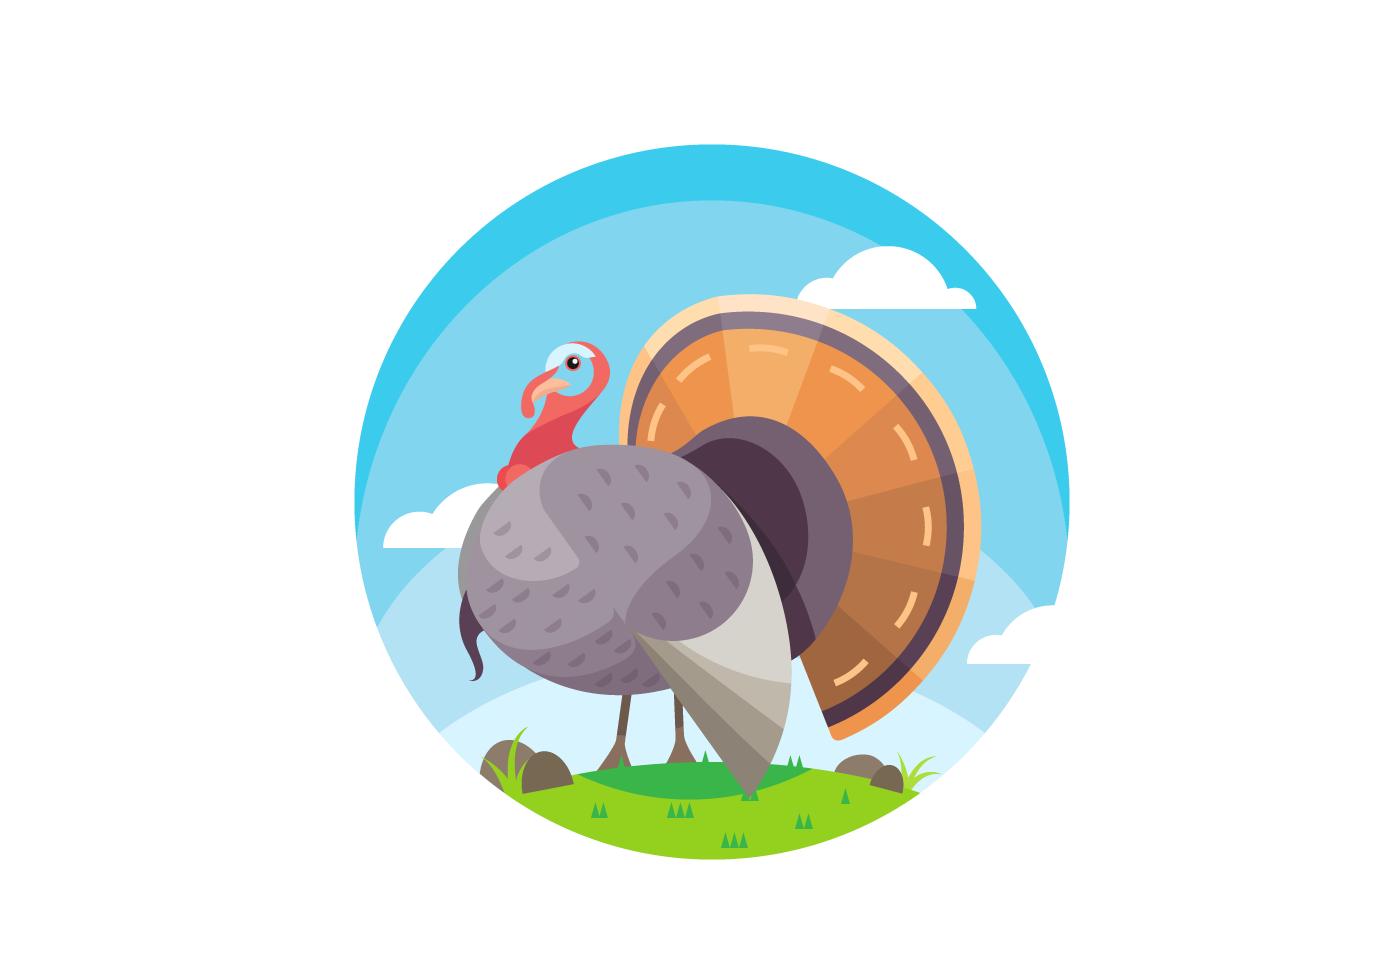 Amazing Wild Turkey Scene Vector - Download Free Vector Art, Stock ...